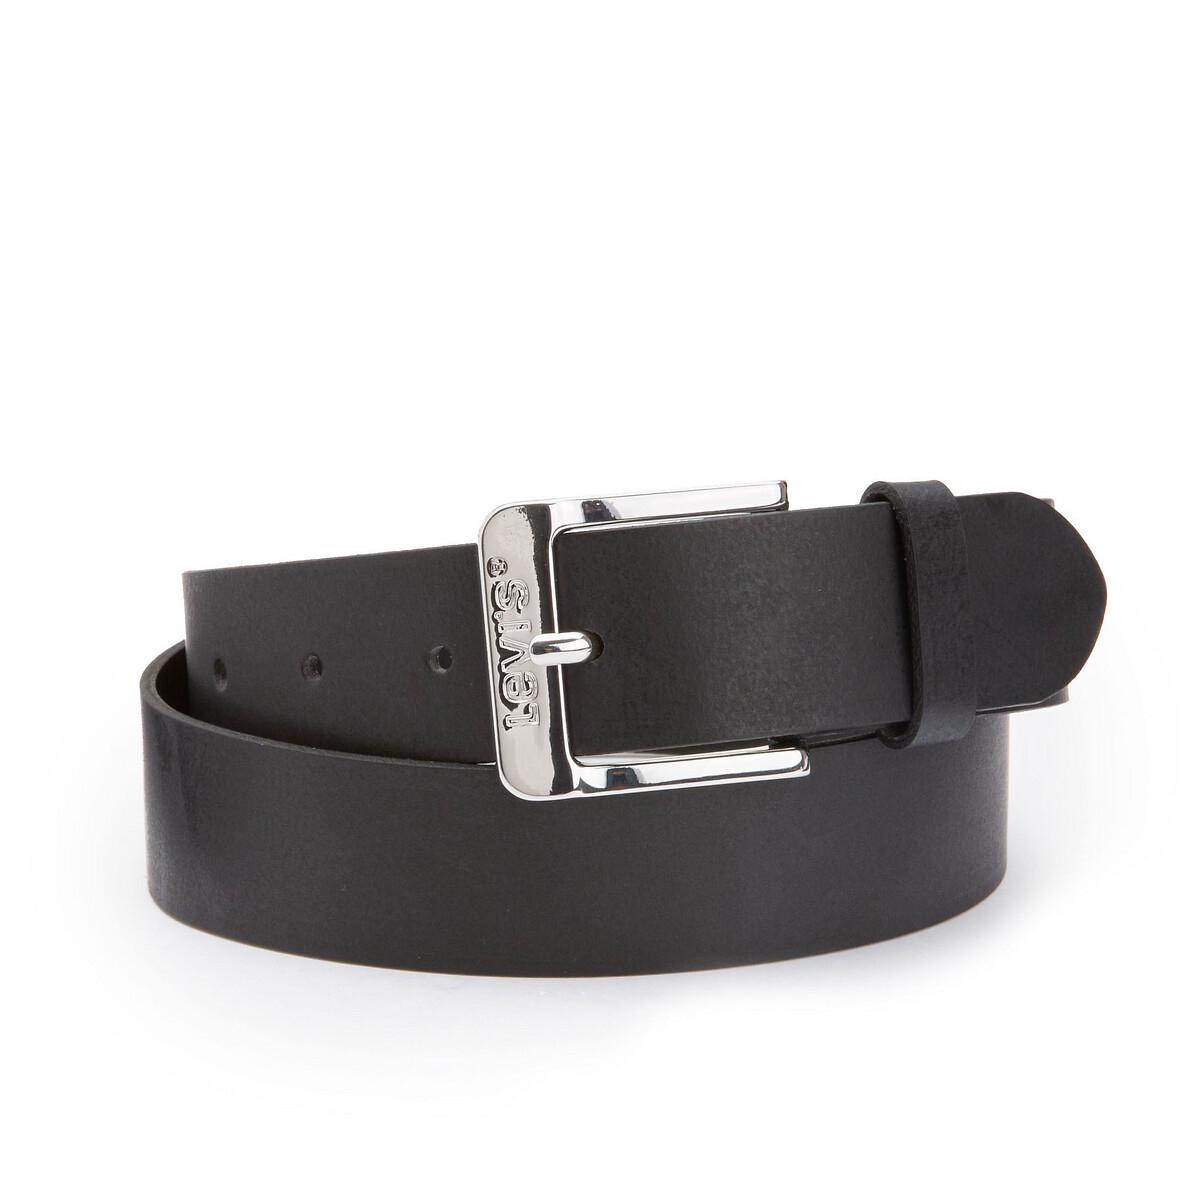 Cinturón de piel Free Belt